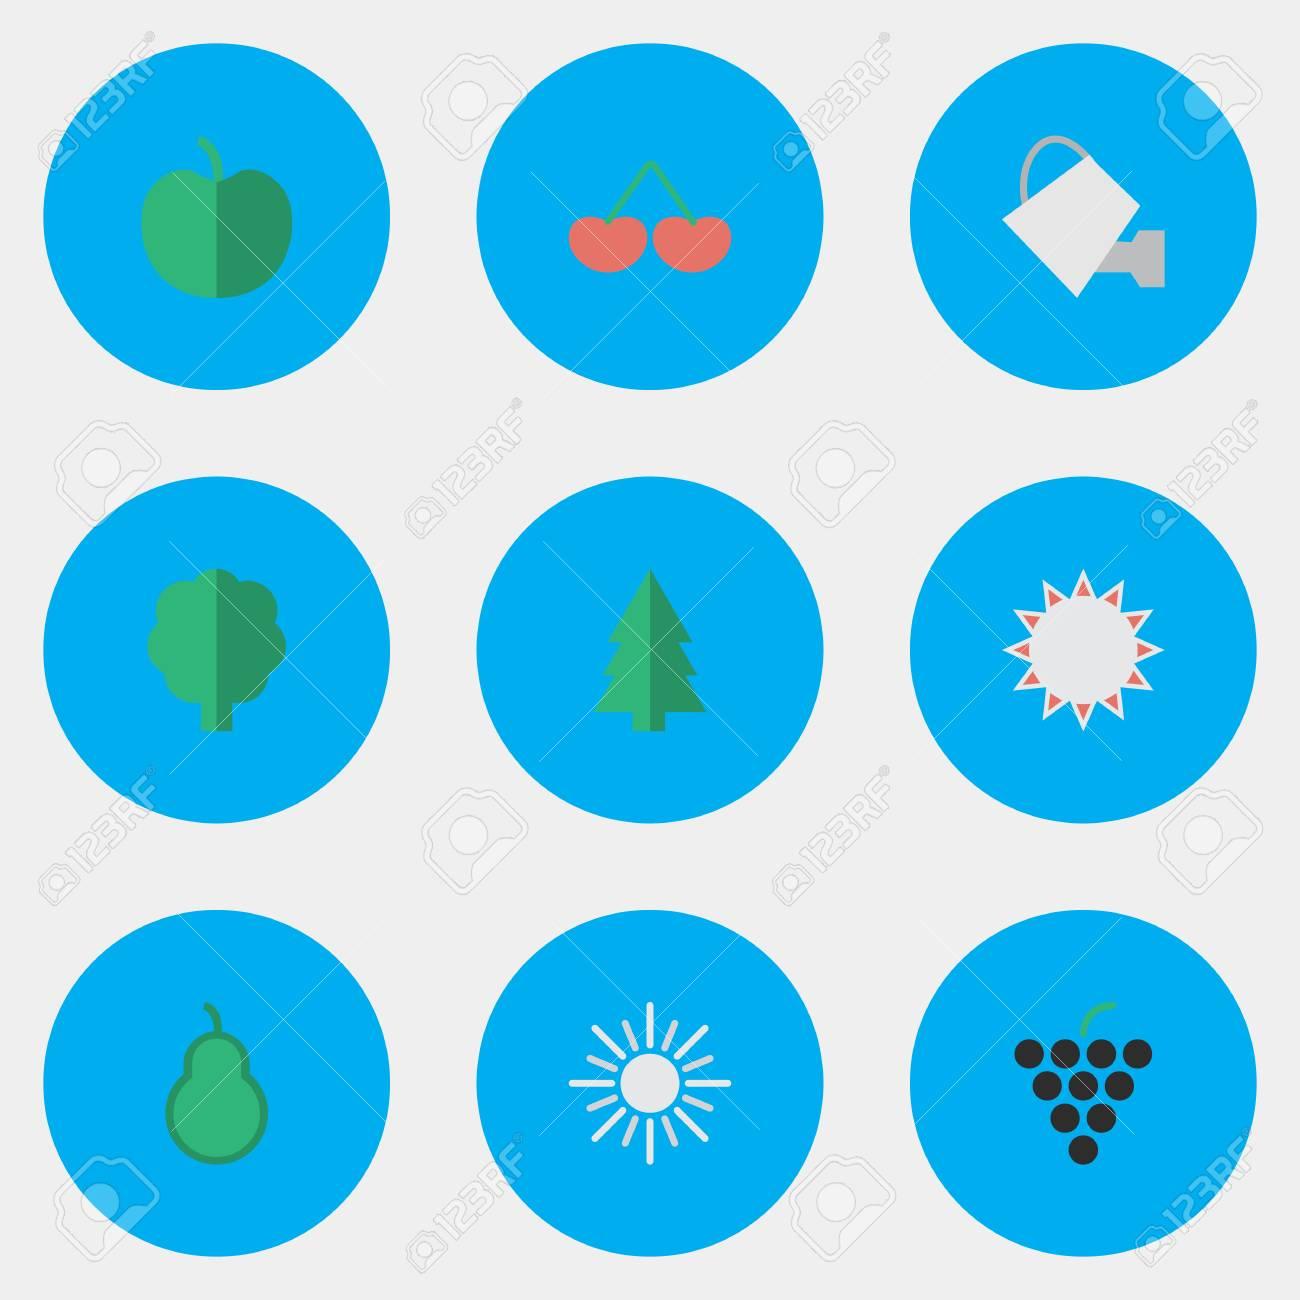 簡単な園芸アイコンのベクター イラスト セットパンチング バッグ